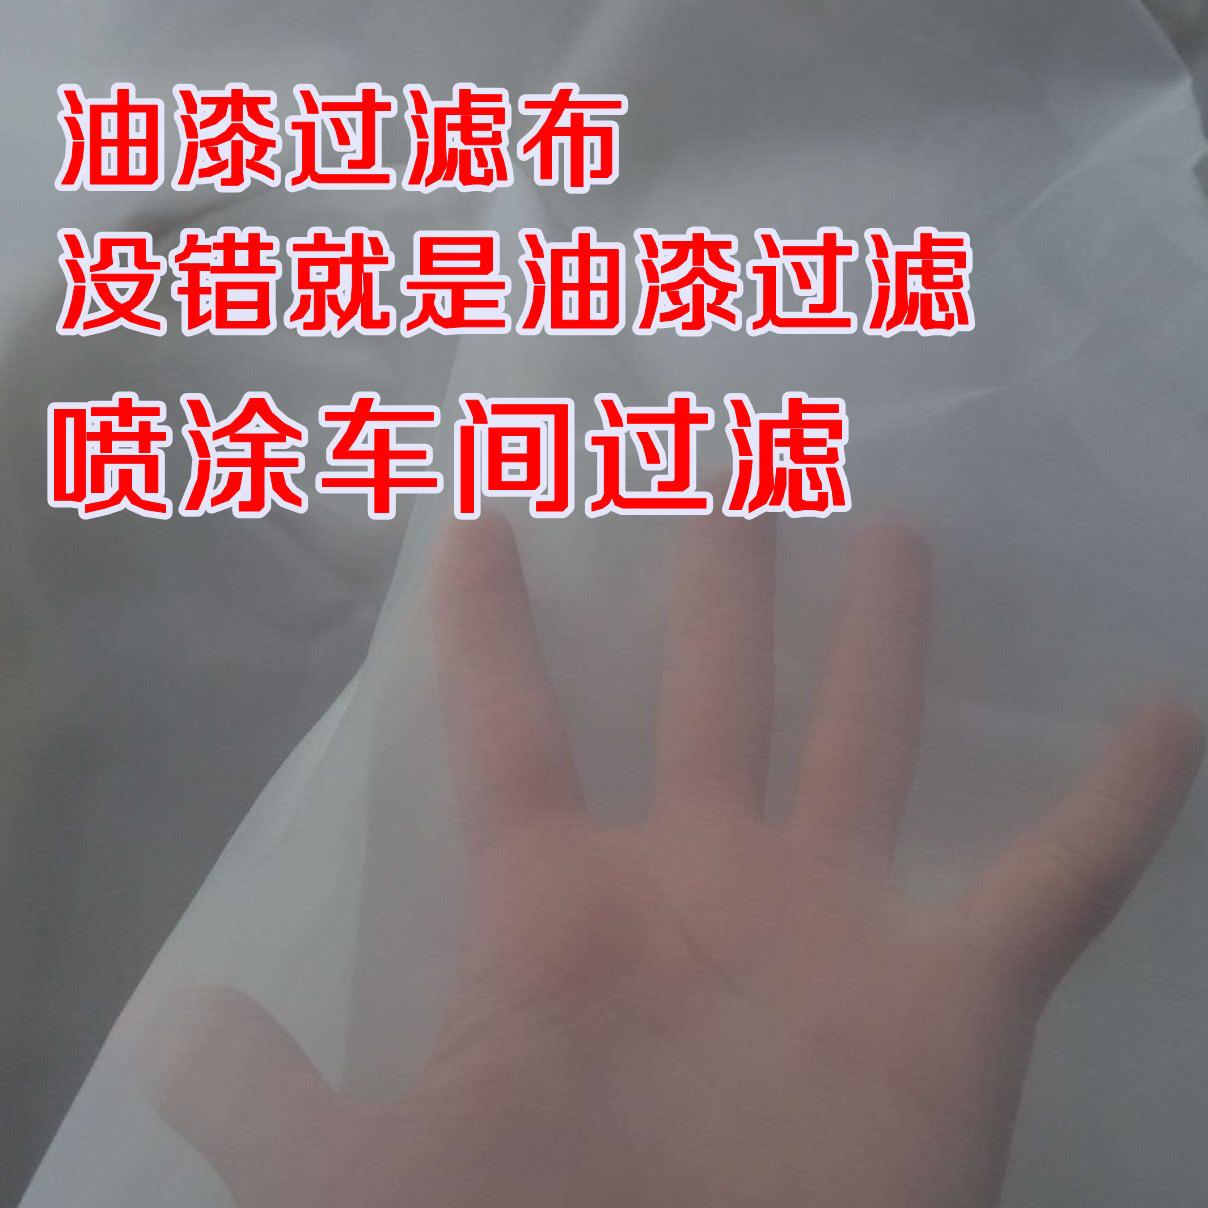 300目高密度油漆等物品過濾 廠家批發實驗室耗材噴塗過濾篩網